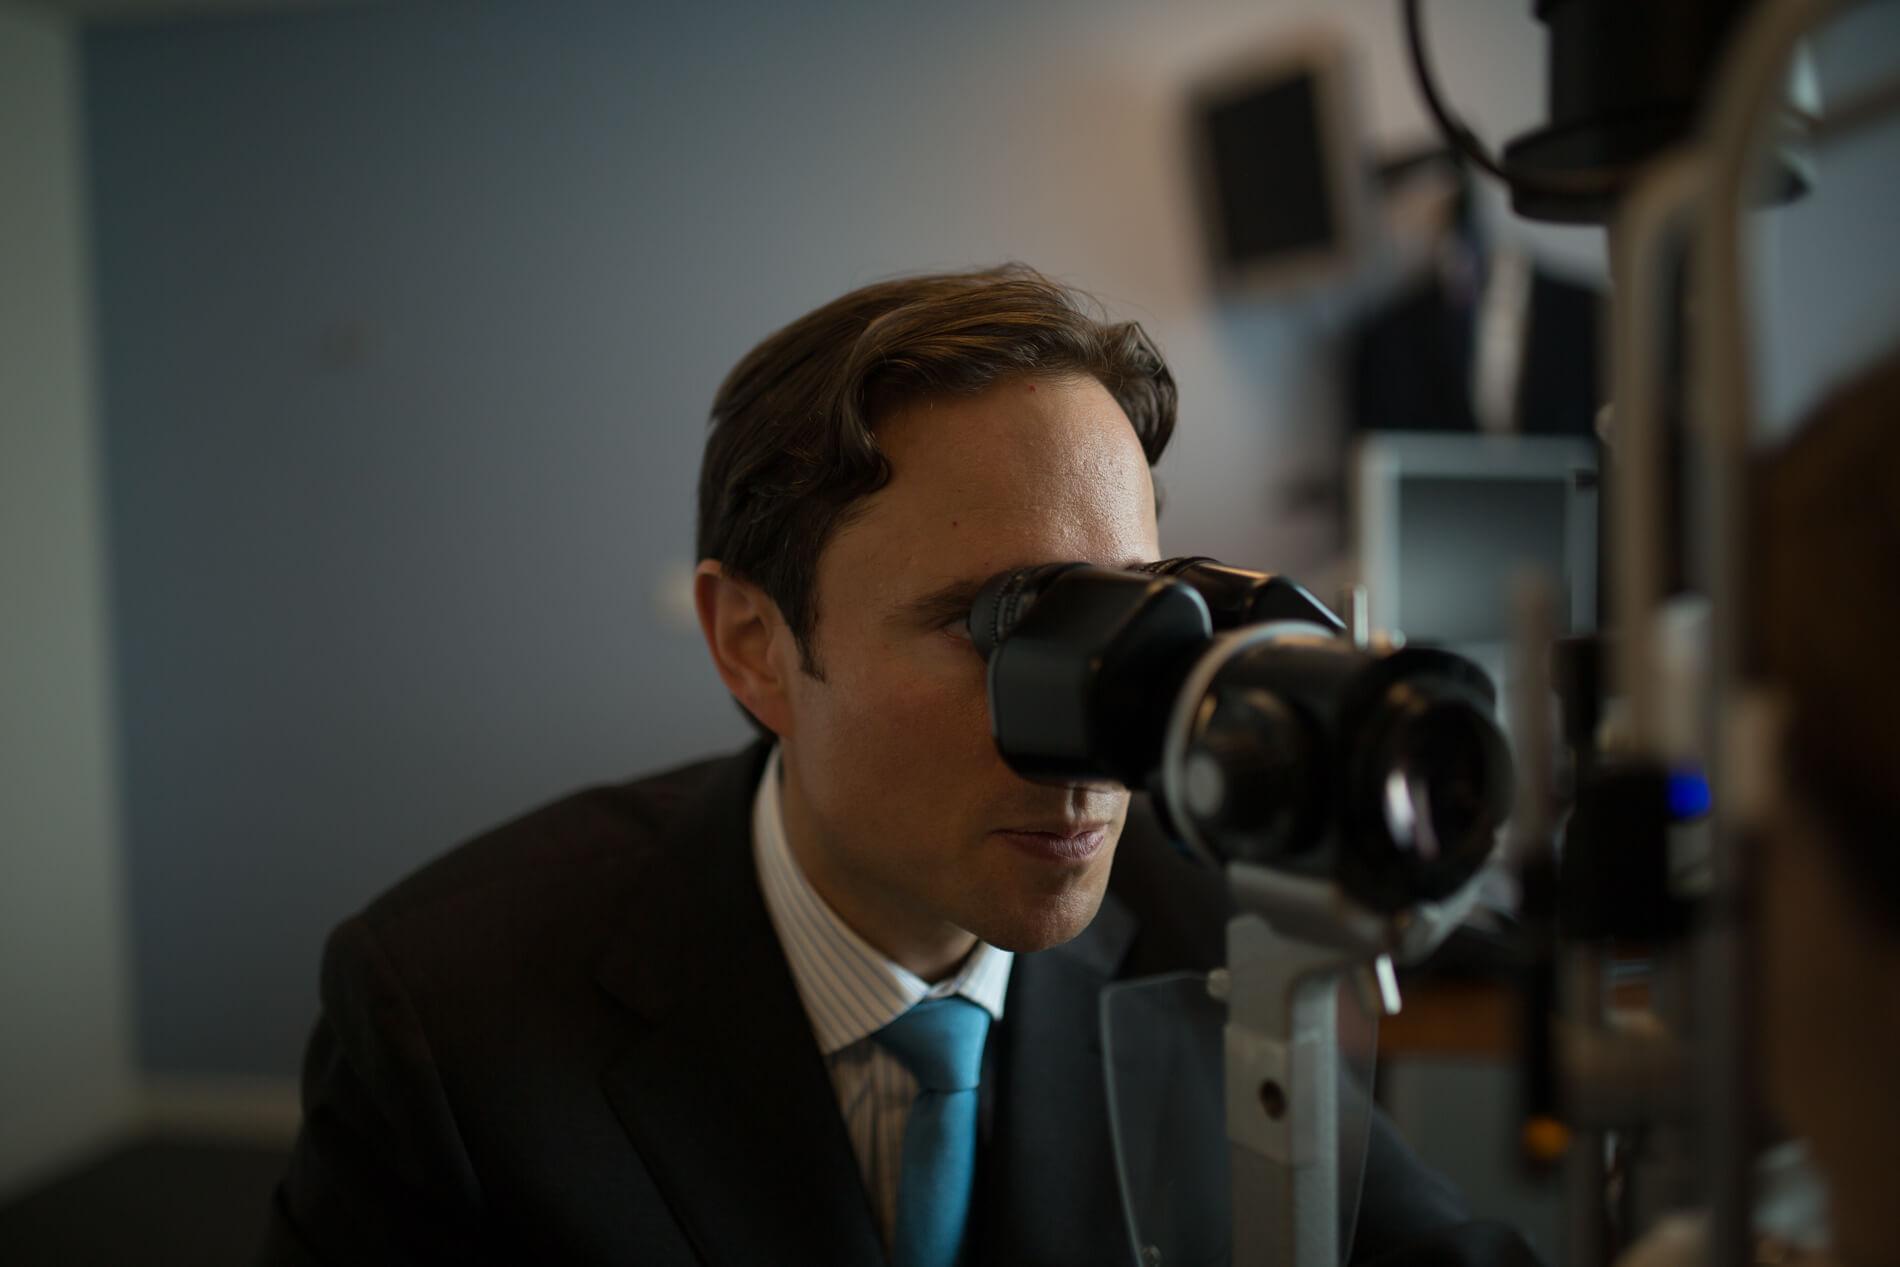 london-laser-eye-surgeon